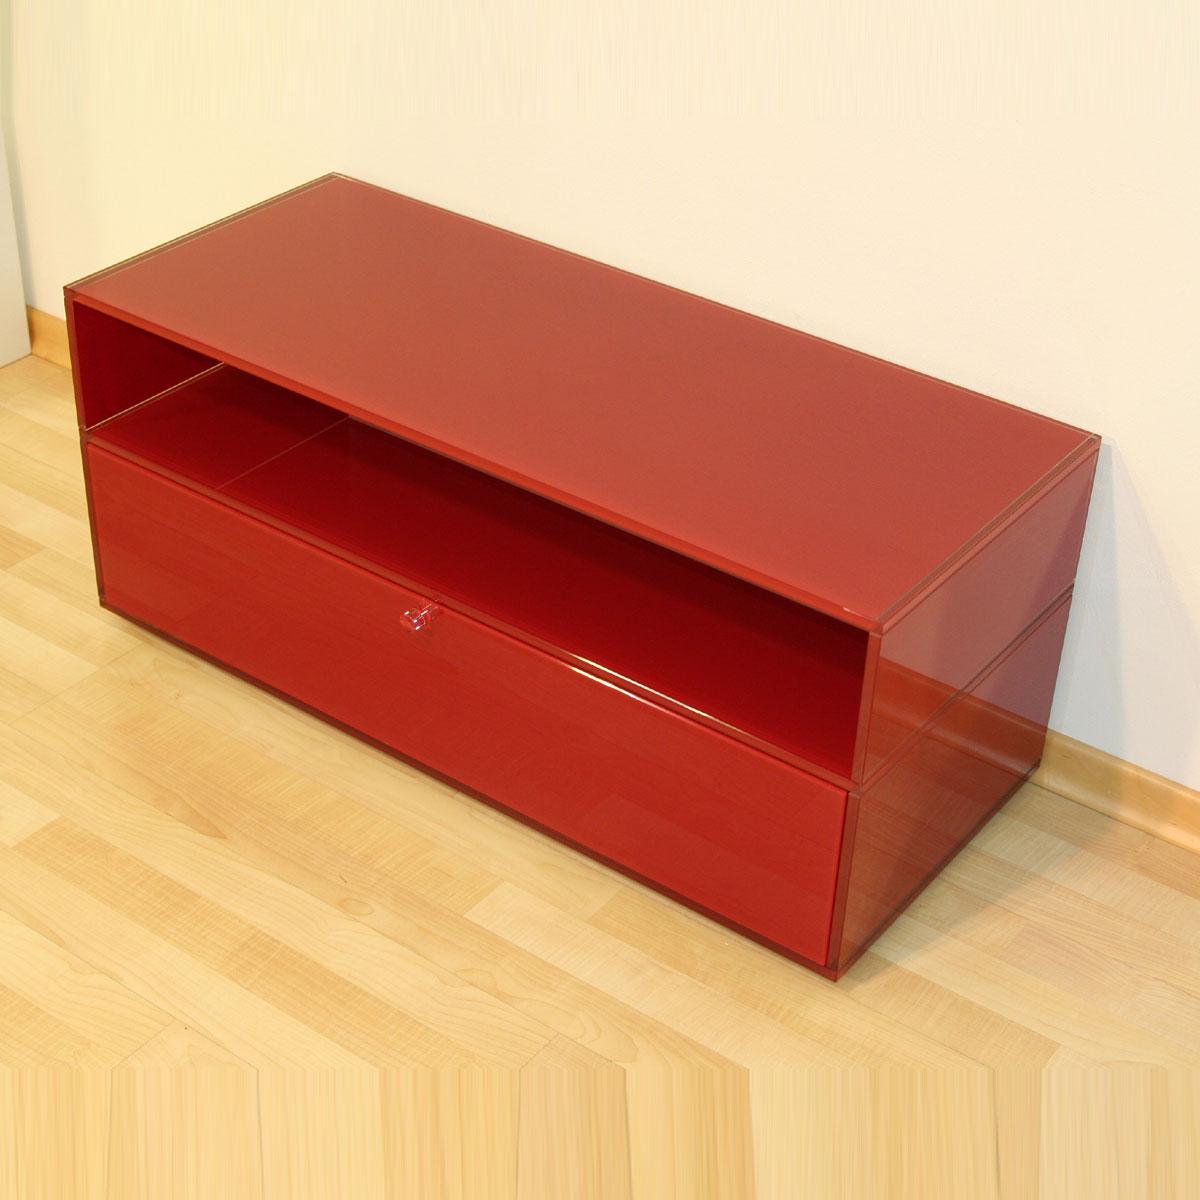 Ein stabiles rollbares Hifi TV Ganzglasmoebel zur unterbringung ihres Fernsehers und Audiogeräte. Mit Klappe und Ablagefach. Fertigung nach Wunschmaß. Modell Mid Roll Compact von Glass Concept.